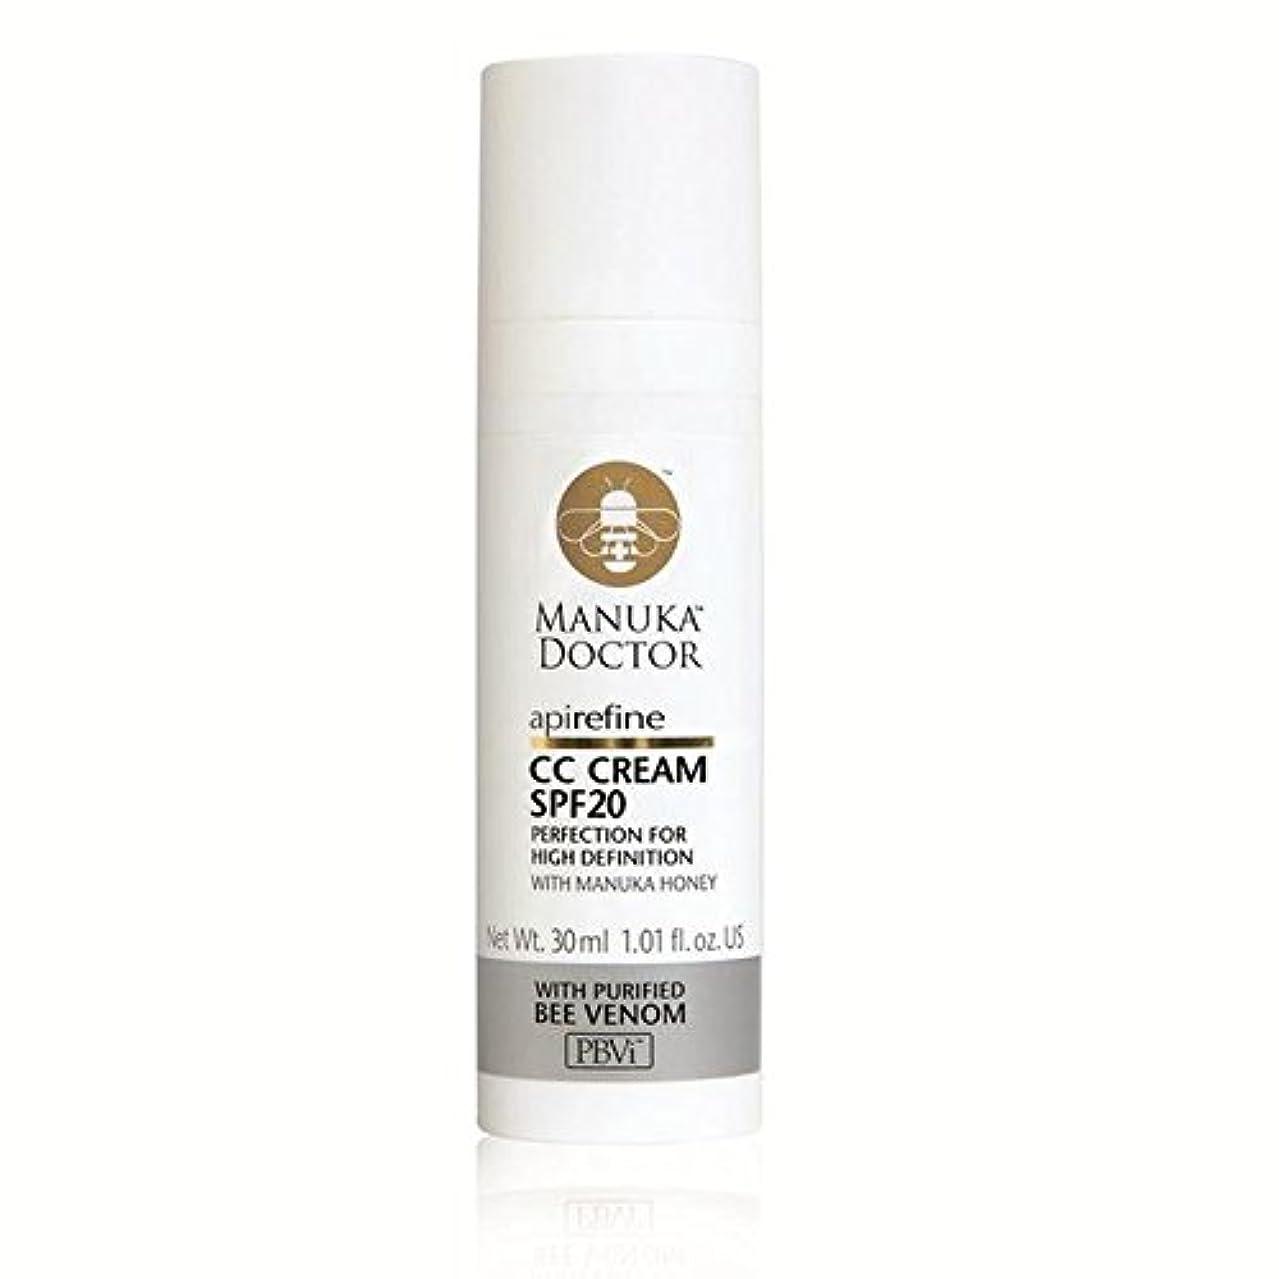 能力脱走中級20 30ミリリットルとマヌカドクターリファインクリーム x4 - Manuka Doctor Api Refine CC Cream with SPF20 30ml (Pack of 4) [並行輸入品]